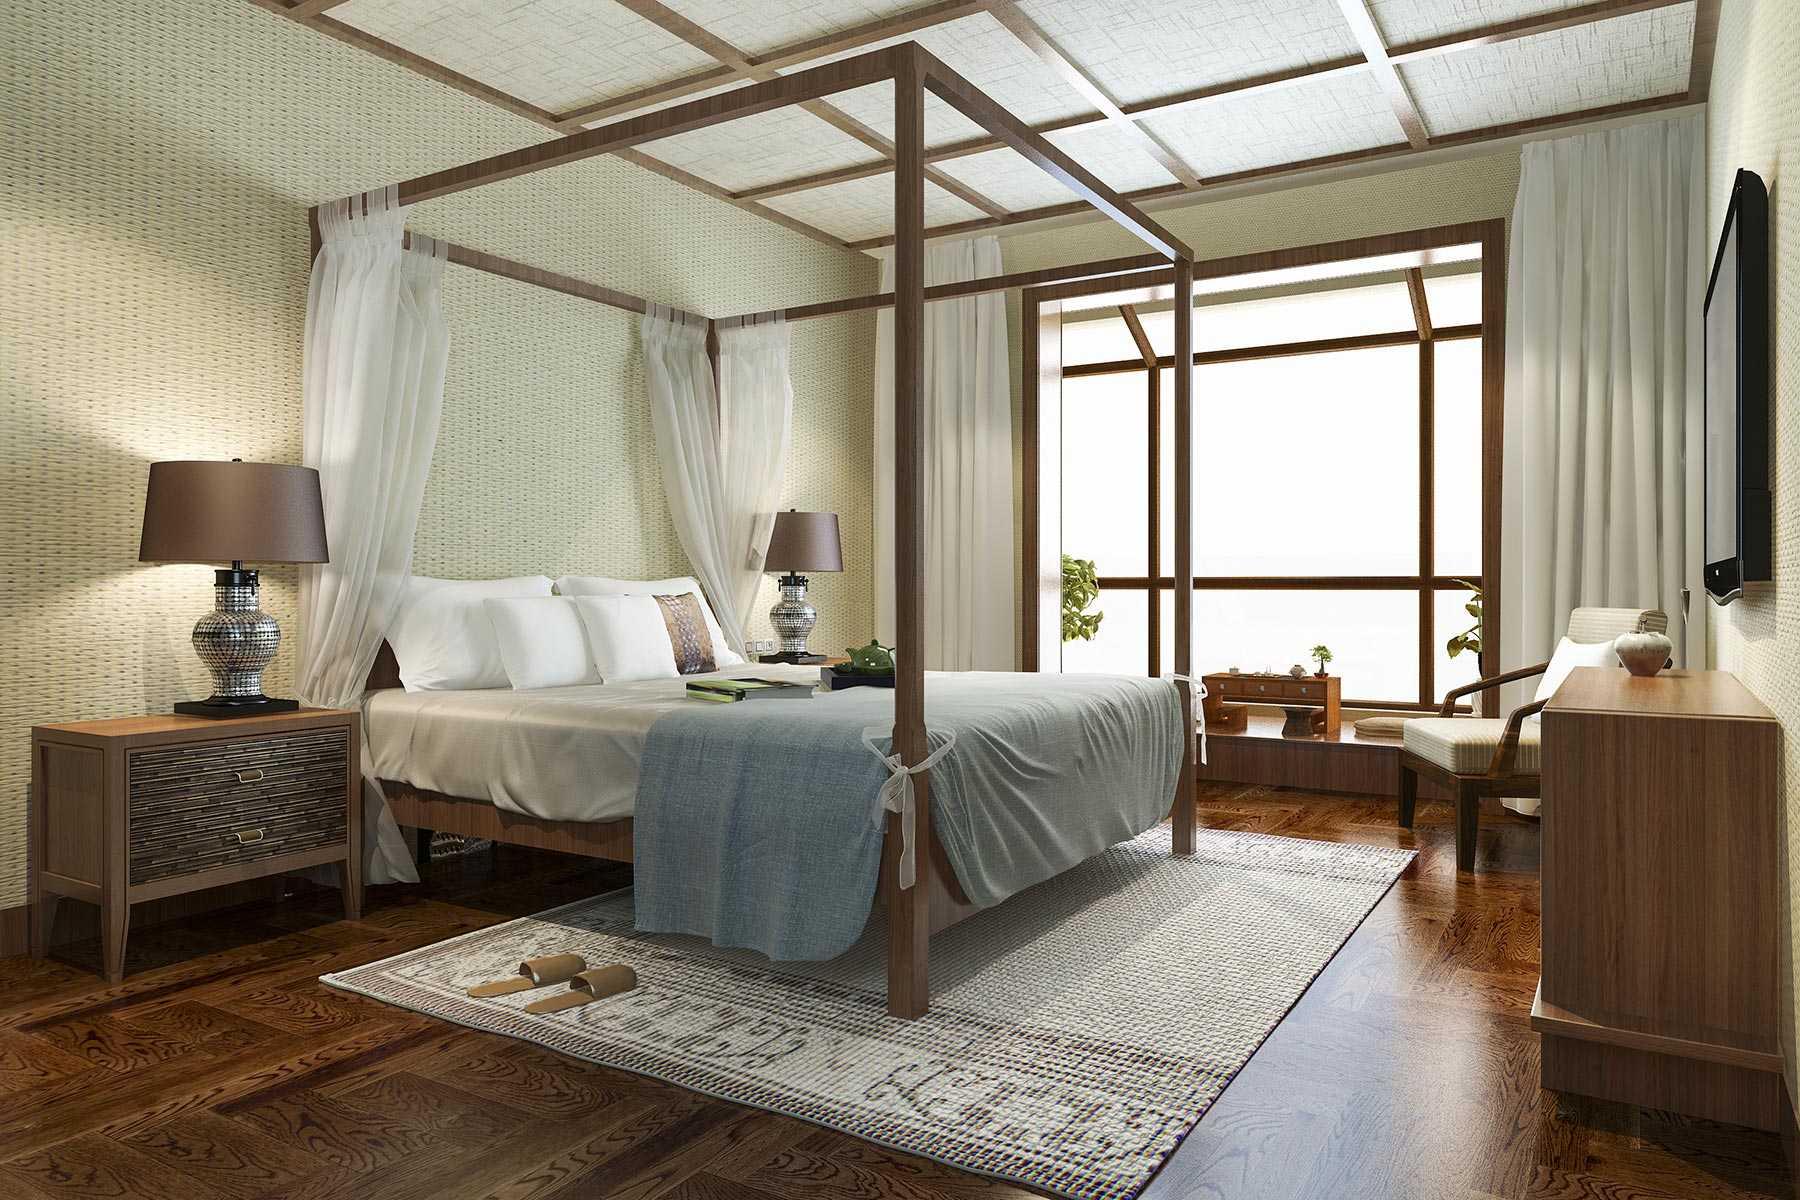 3d-rendering-luxury-tropical-bedroom-suite-in-reso-JQKGC5L.jpg